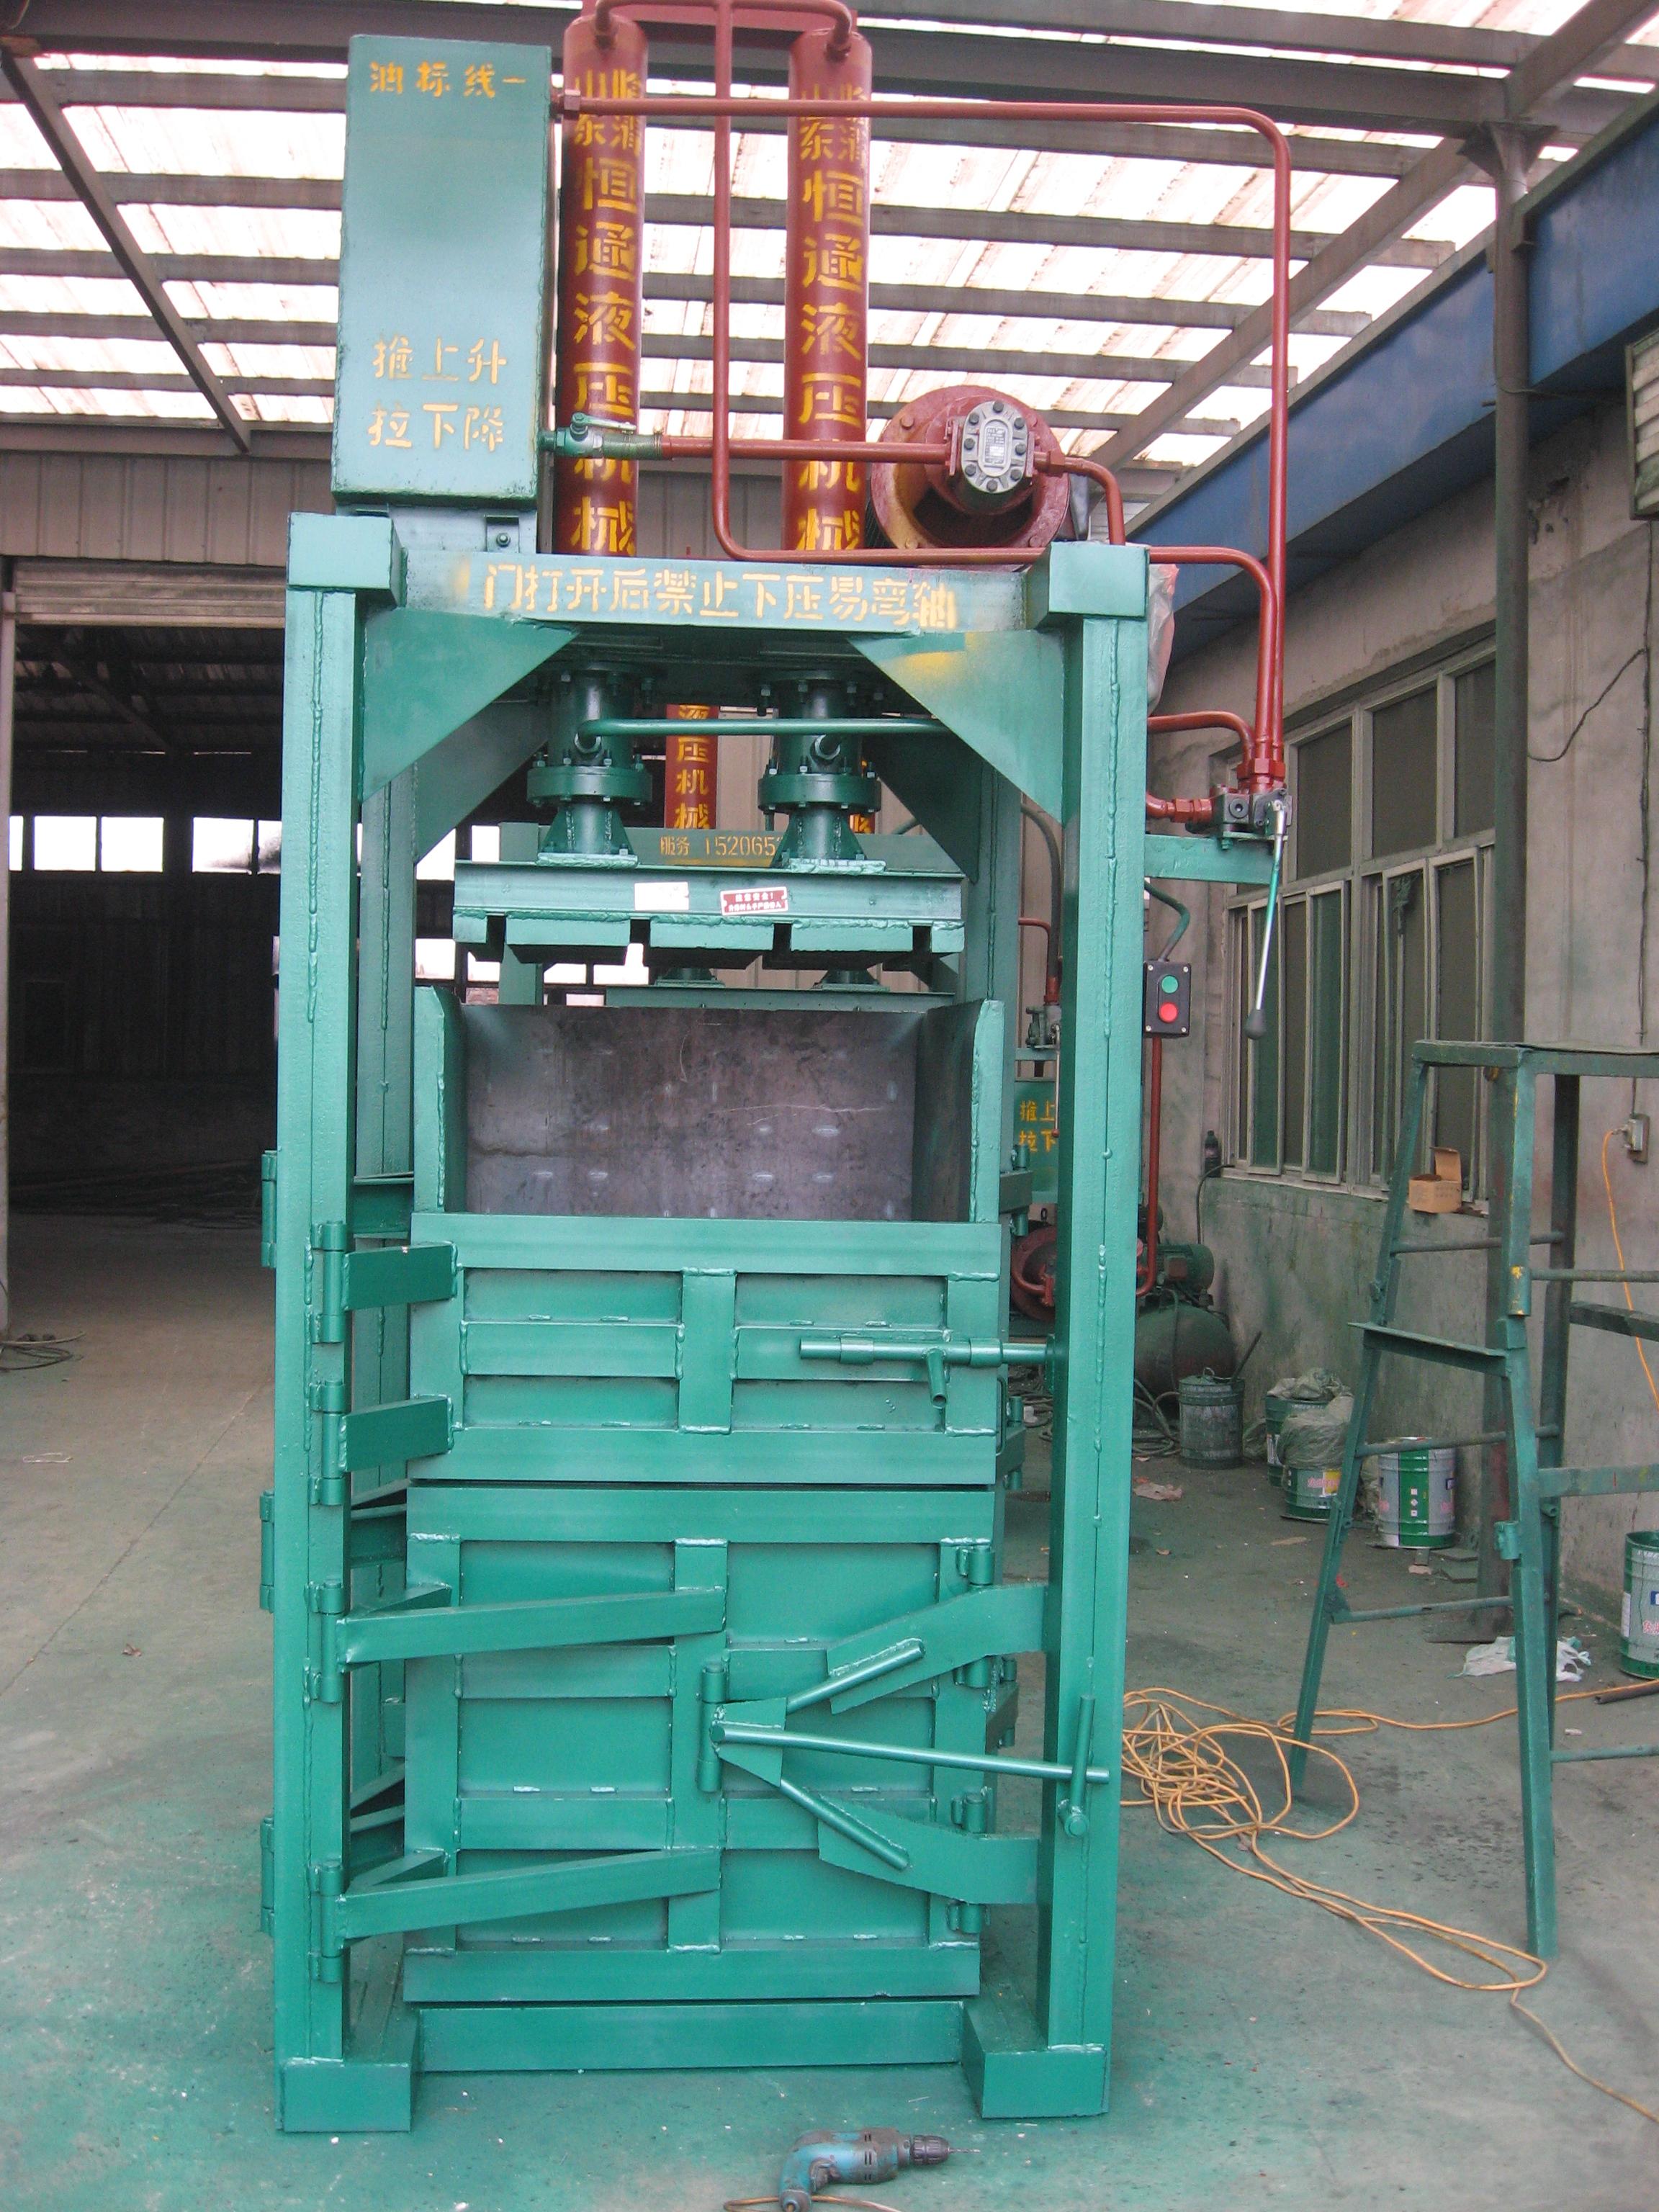 液压油缸图片/液压油缸样板图 (4)